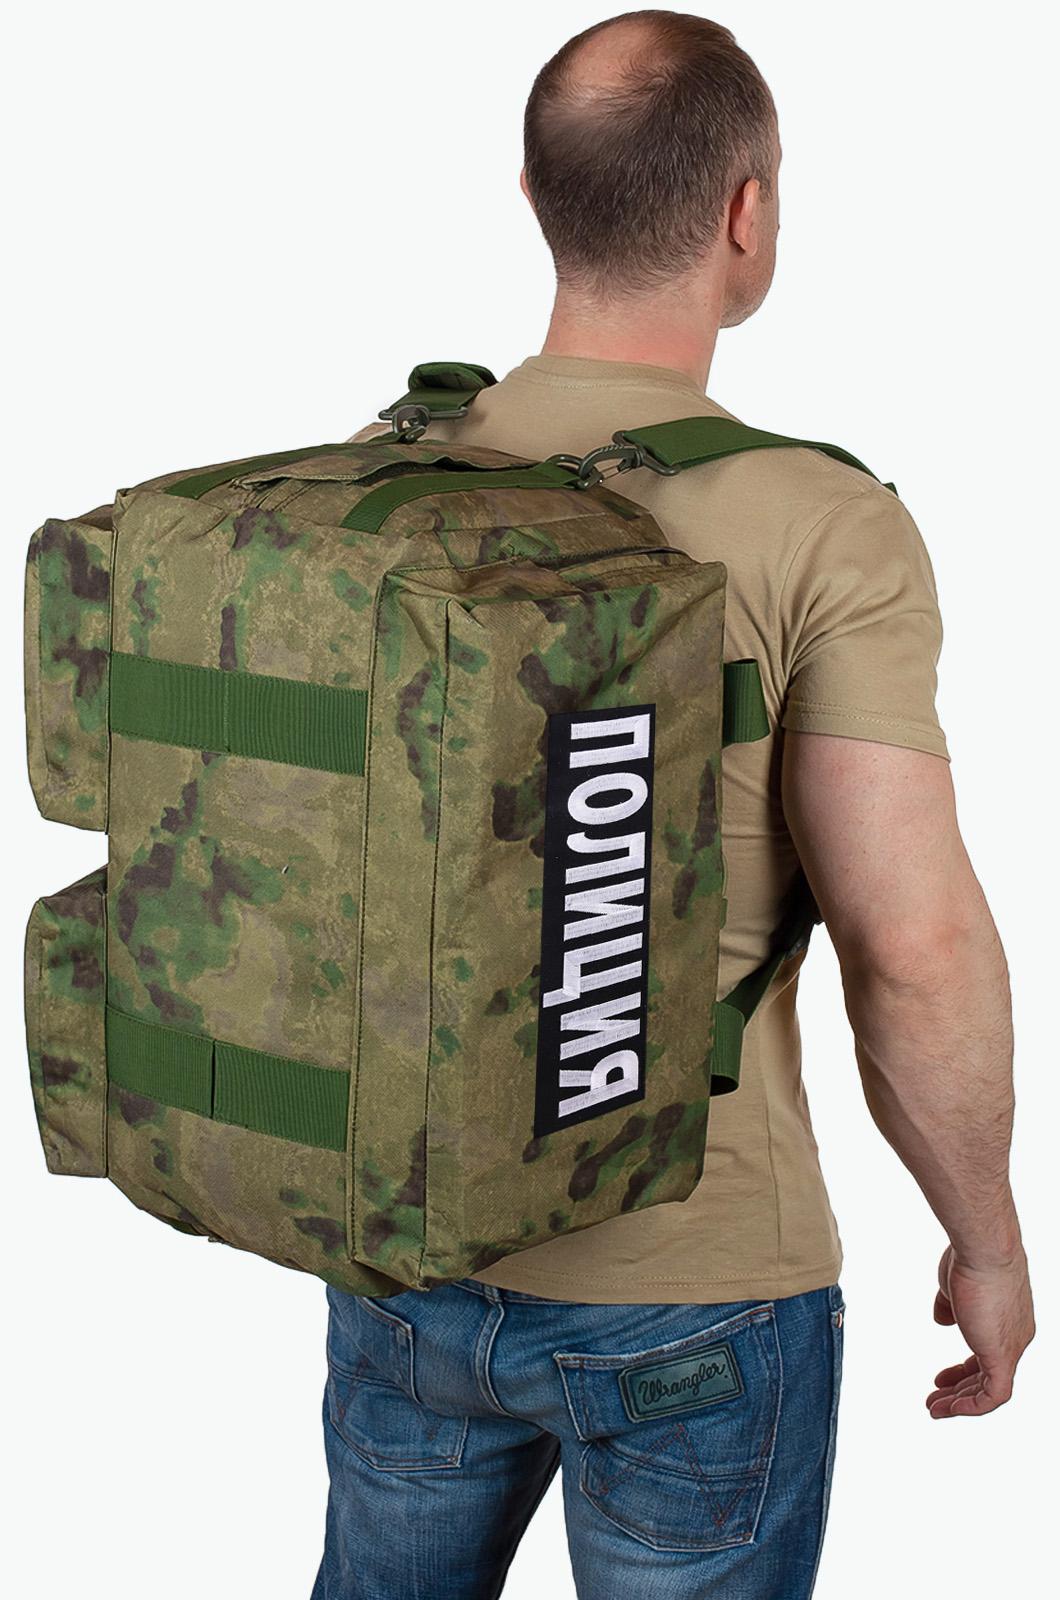 Купить военную походную сумку с нашивкой Полиция выгодно онлайн